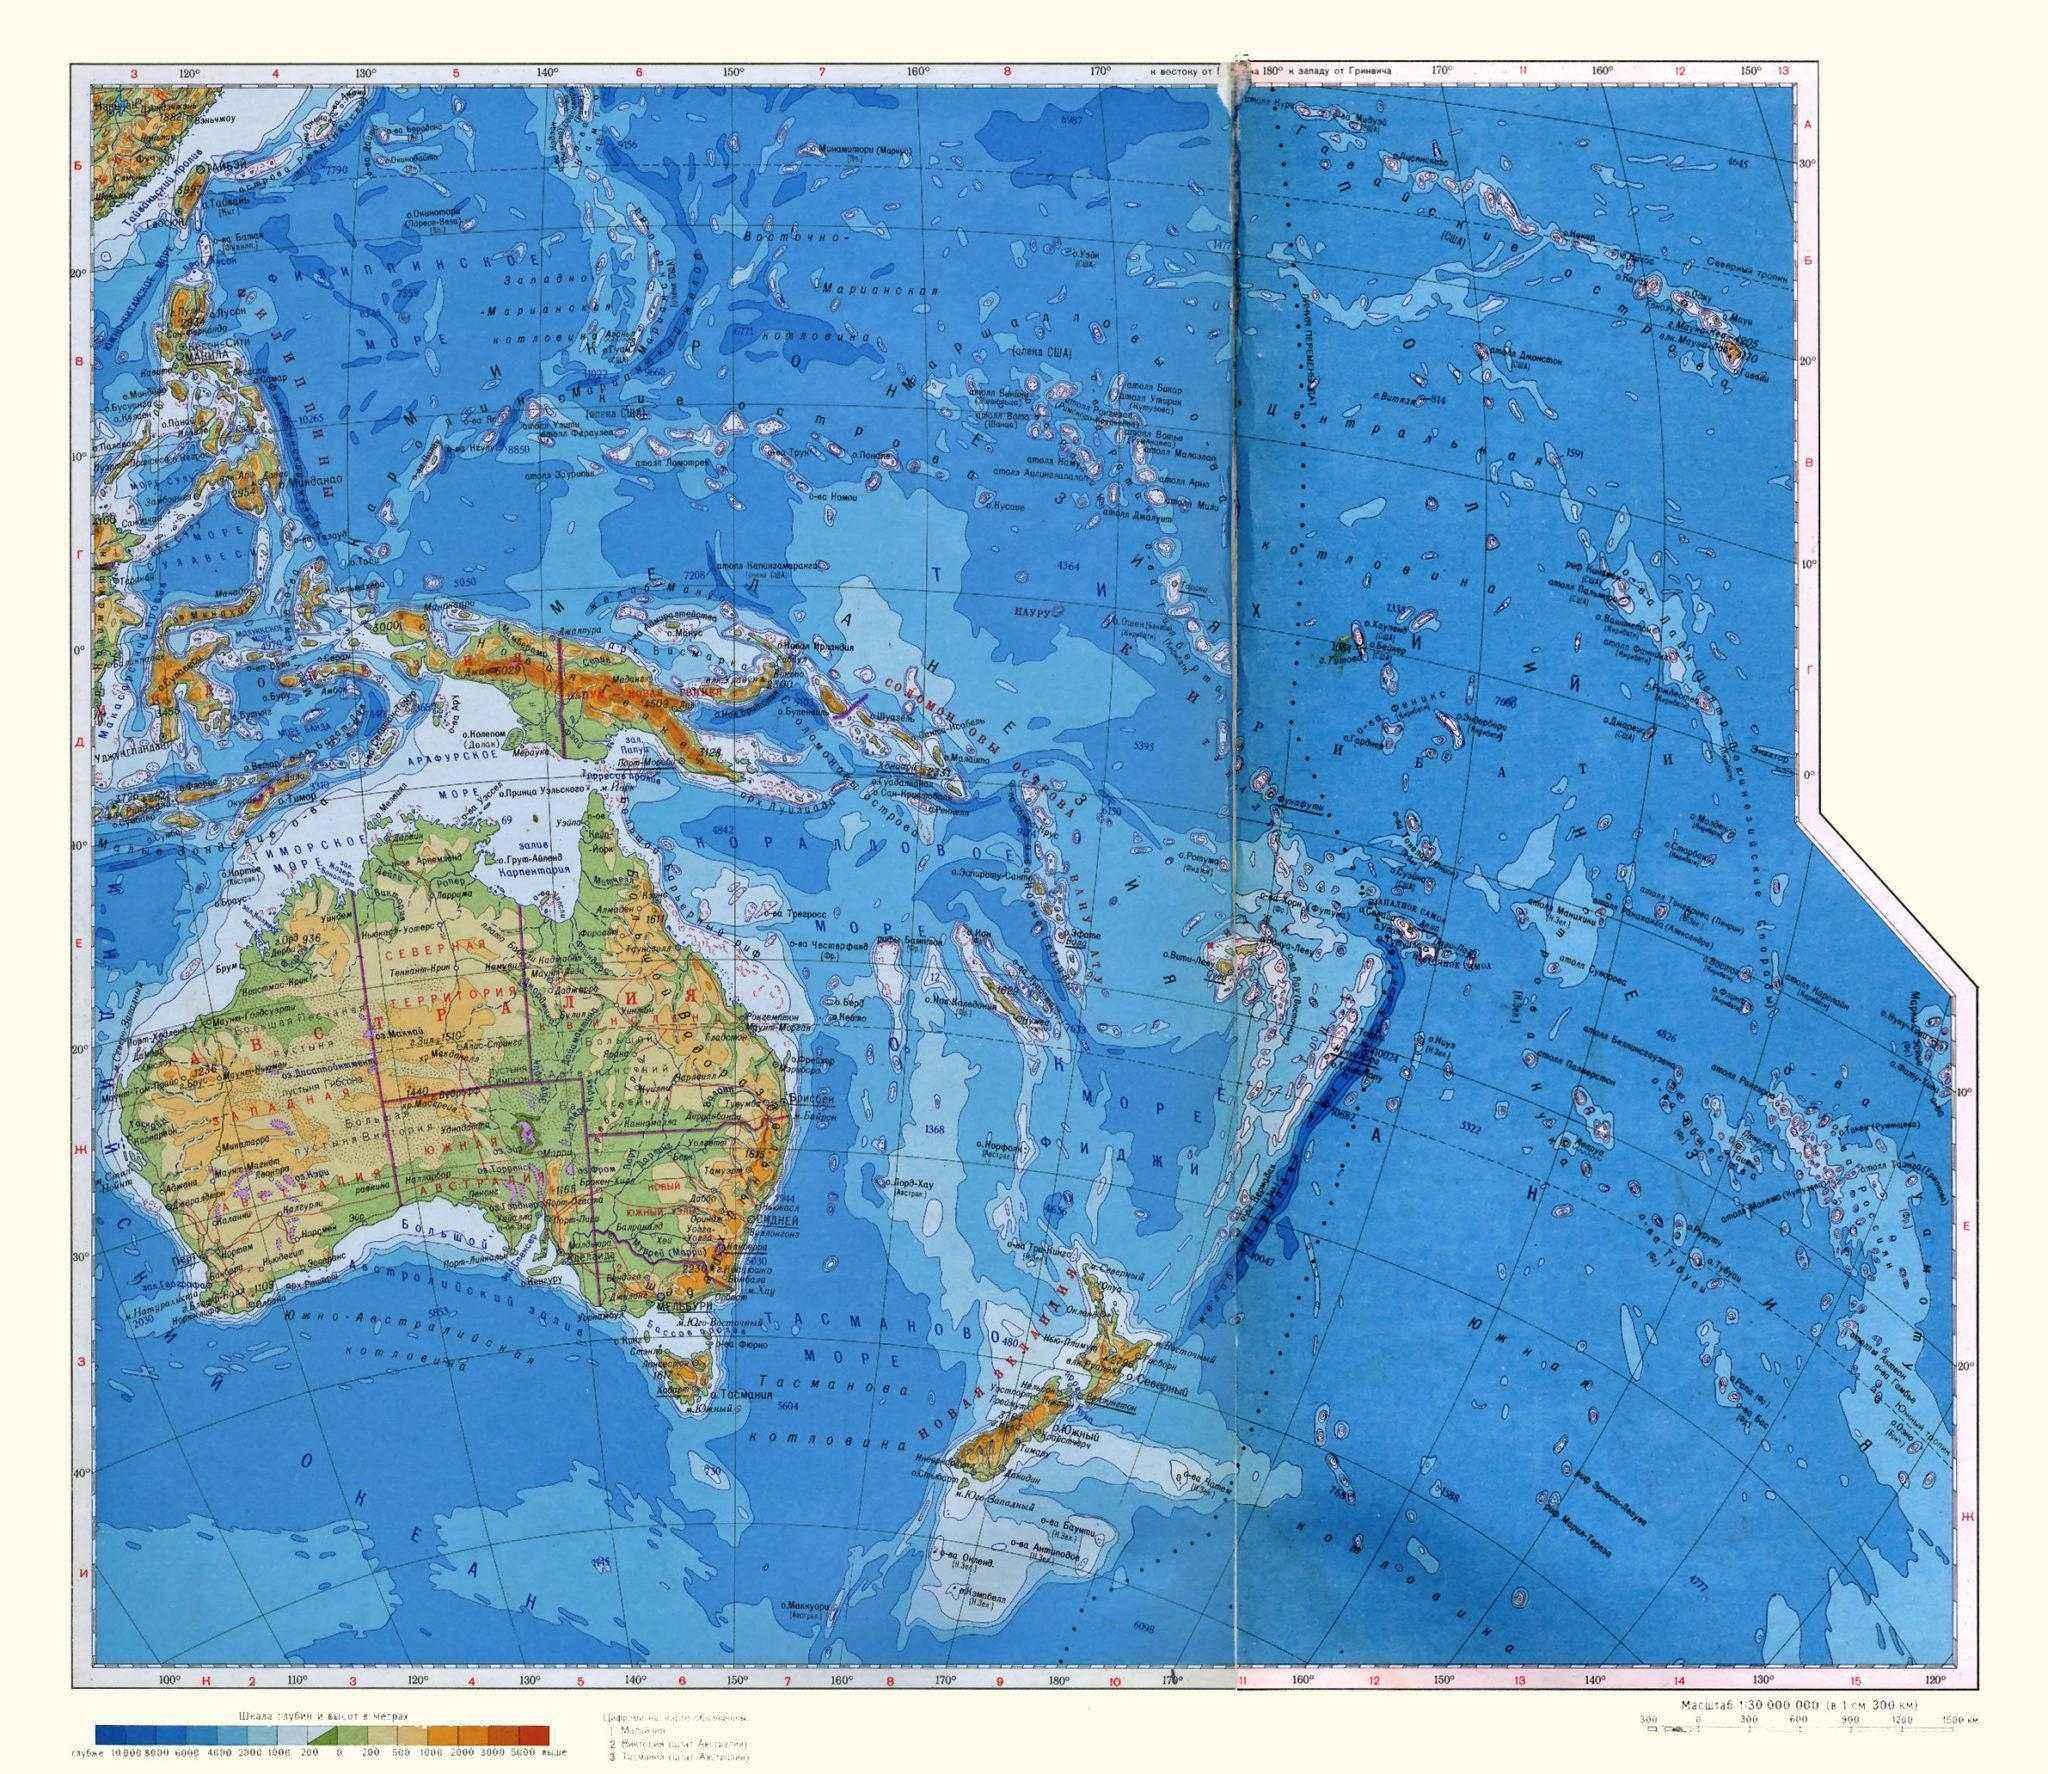 Географические карты Австралии крупным планом на русском языке: физическая, политическая и контурная 2